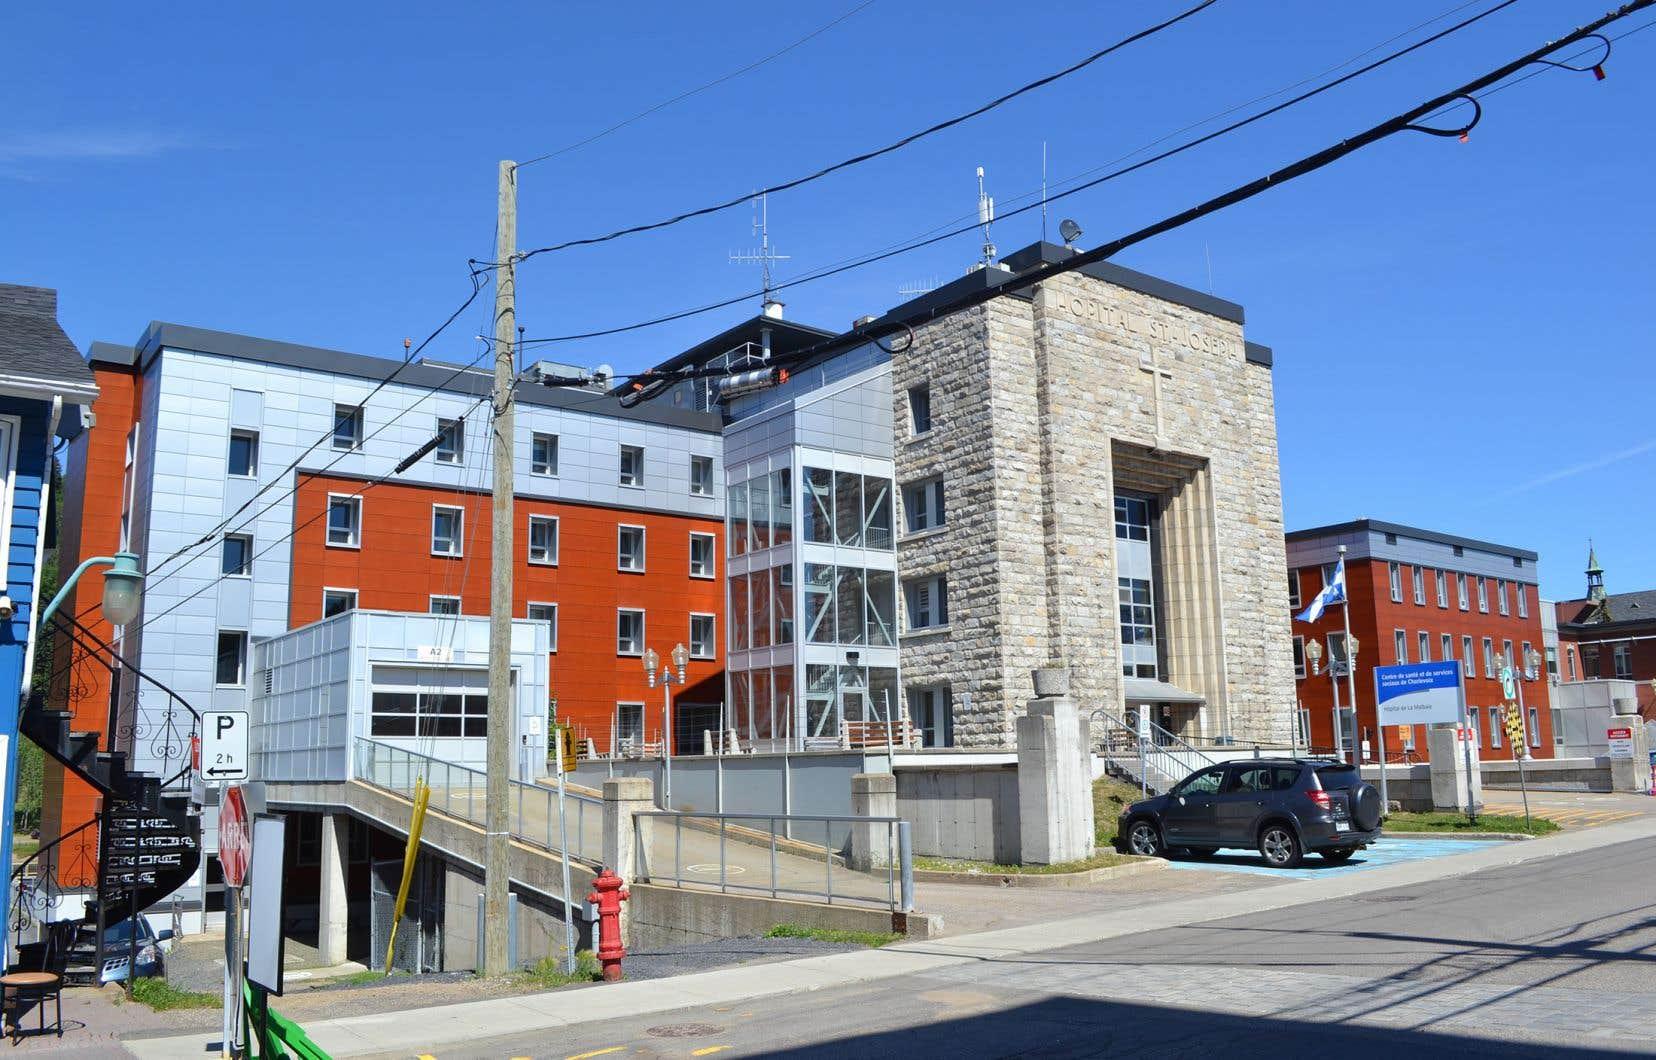 L'hôpital de La Malbaie à Quebec